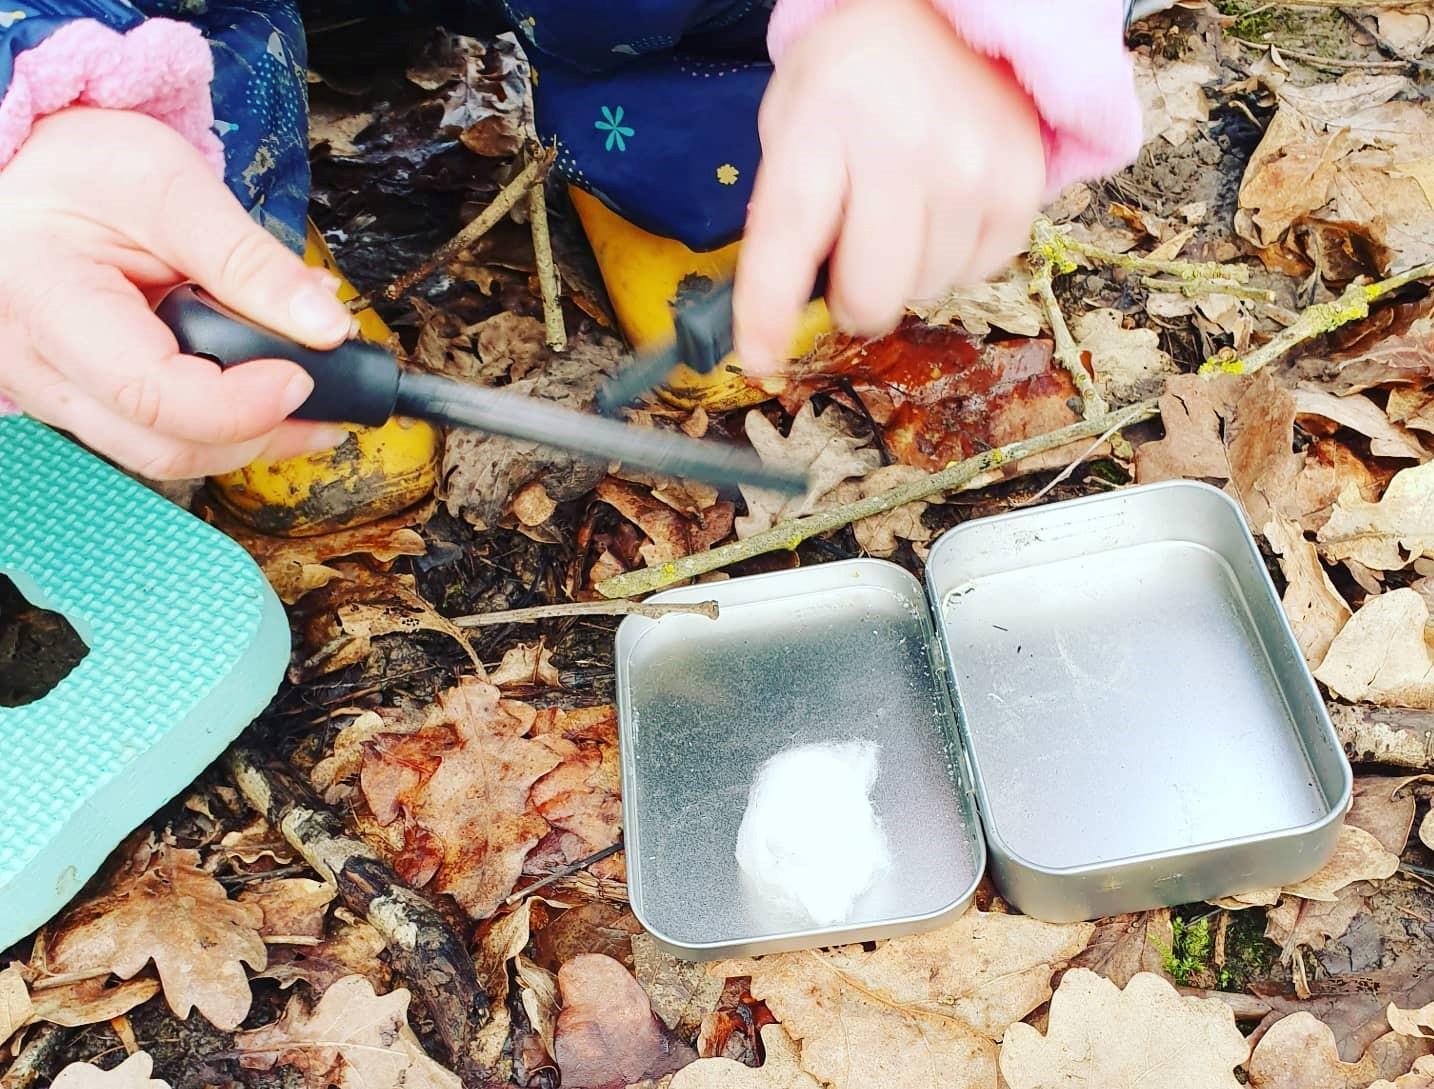 forest school activities oxford, forest school activities fire